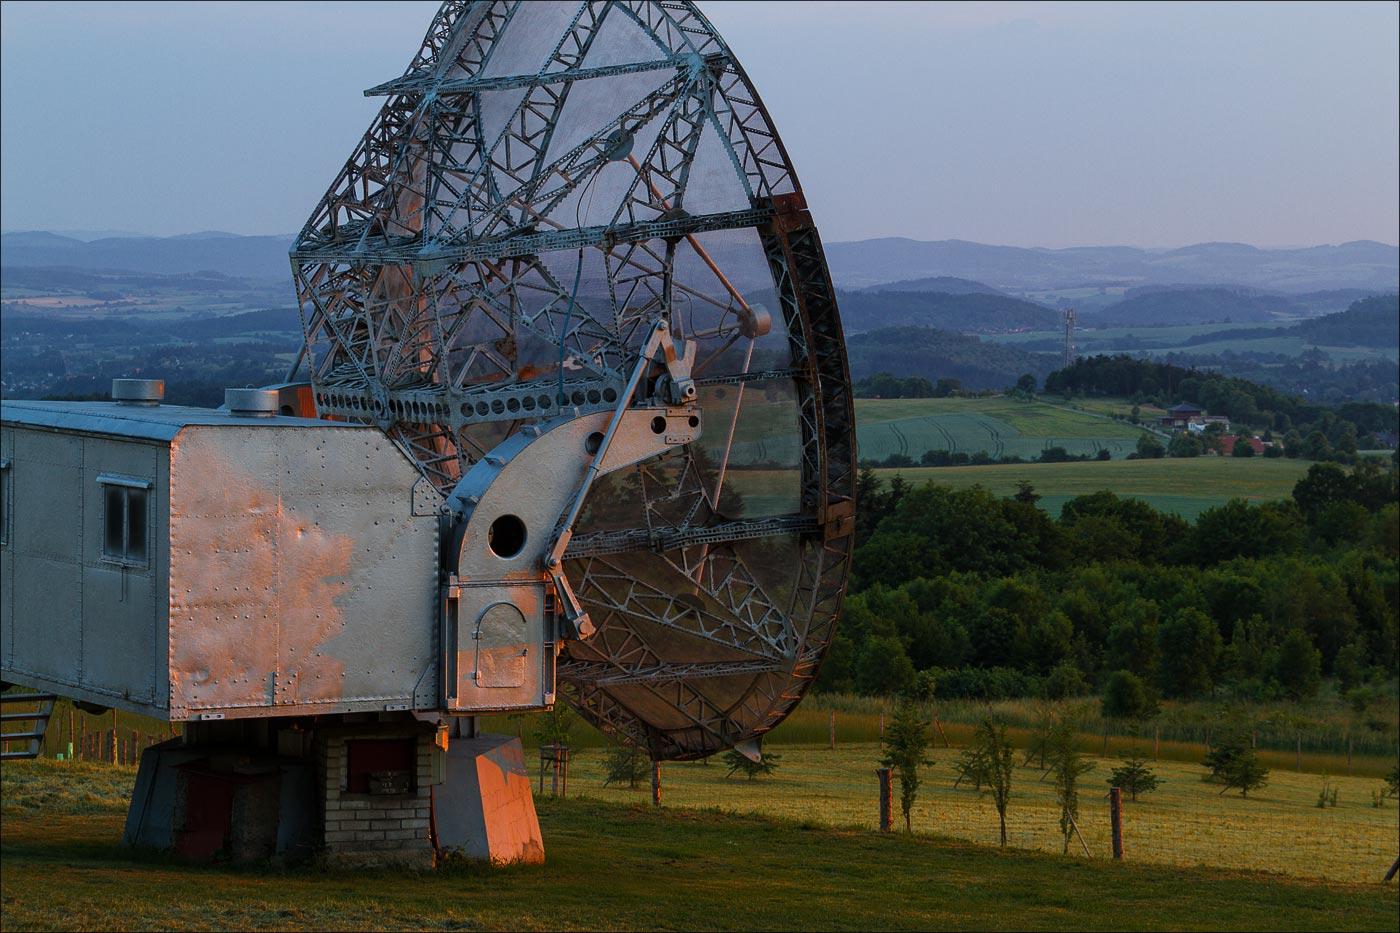 Астрономическая обсерватория в Ондржейове, Чехия